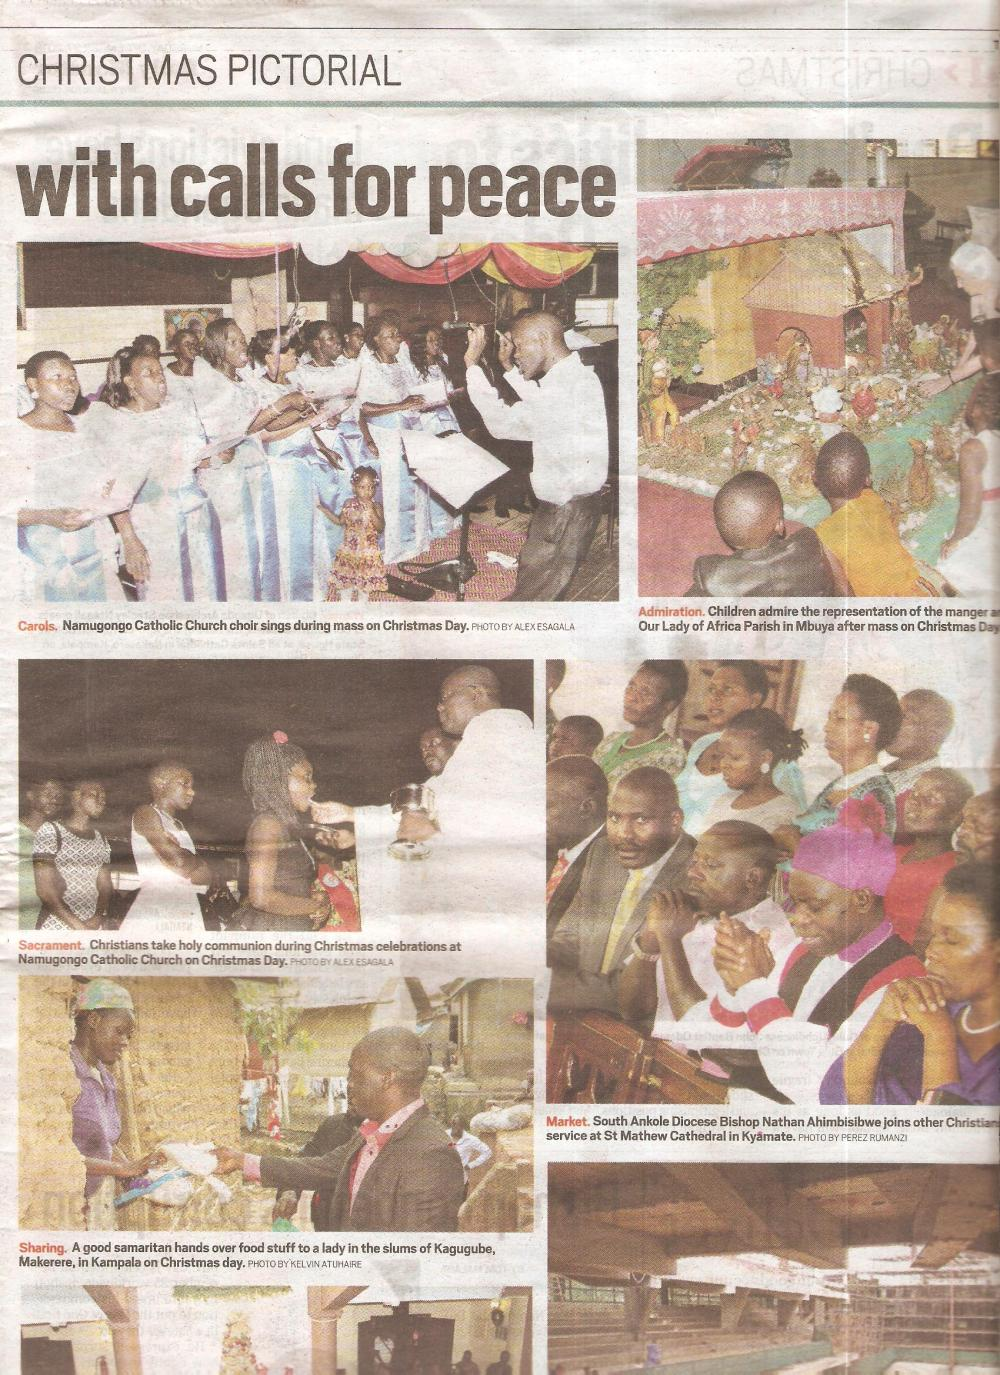 Xmas kivumbi HTP Daily Monitor 001